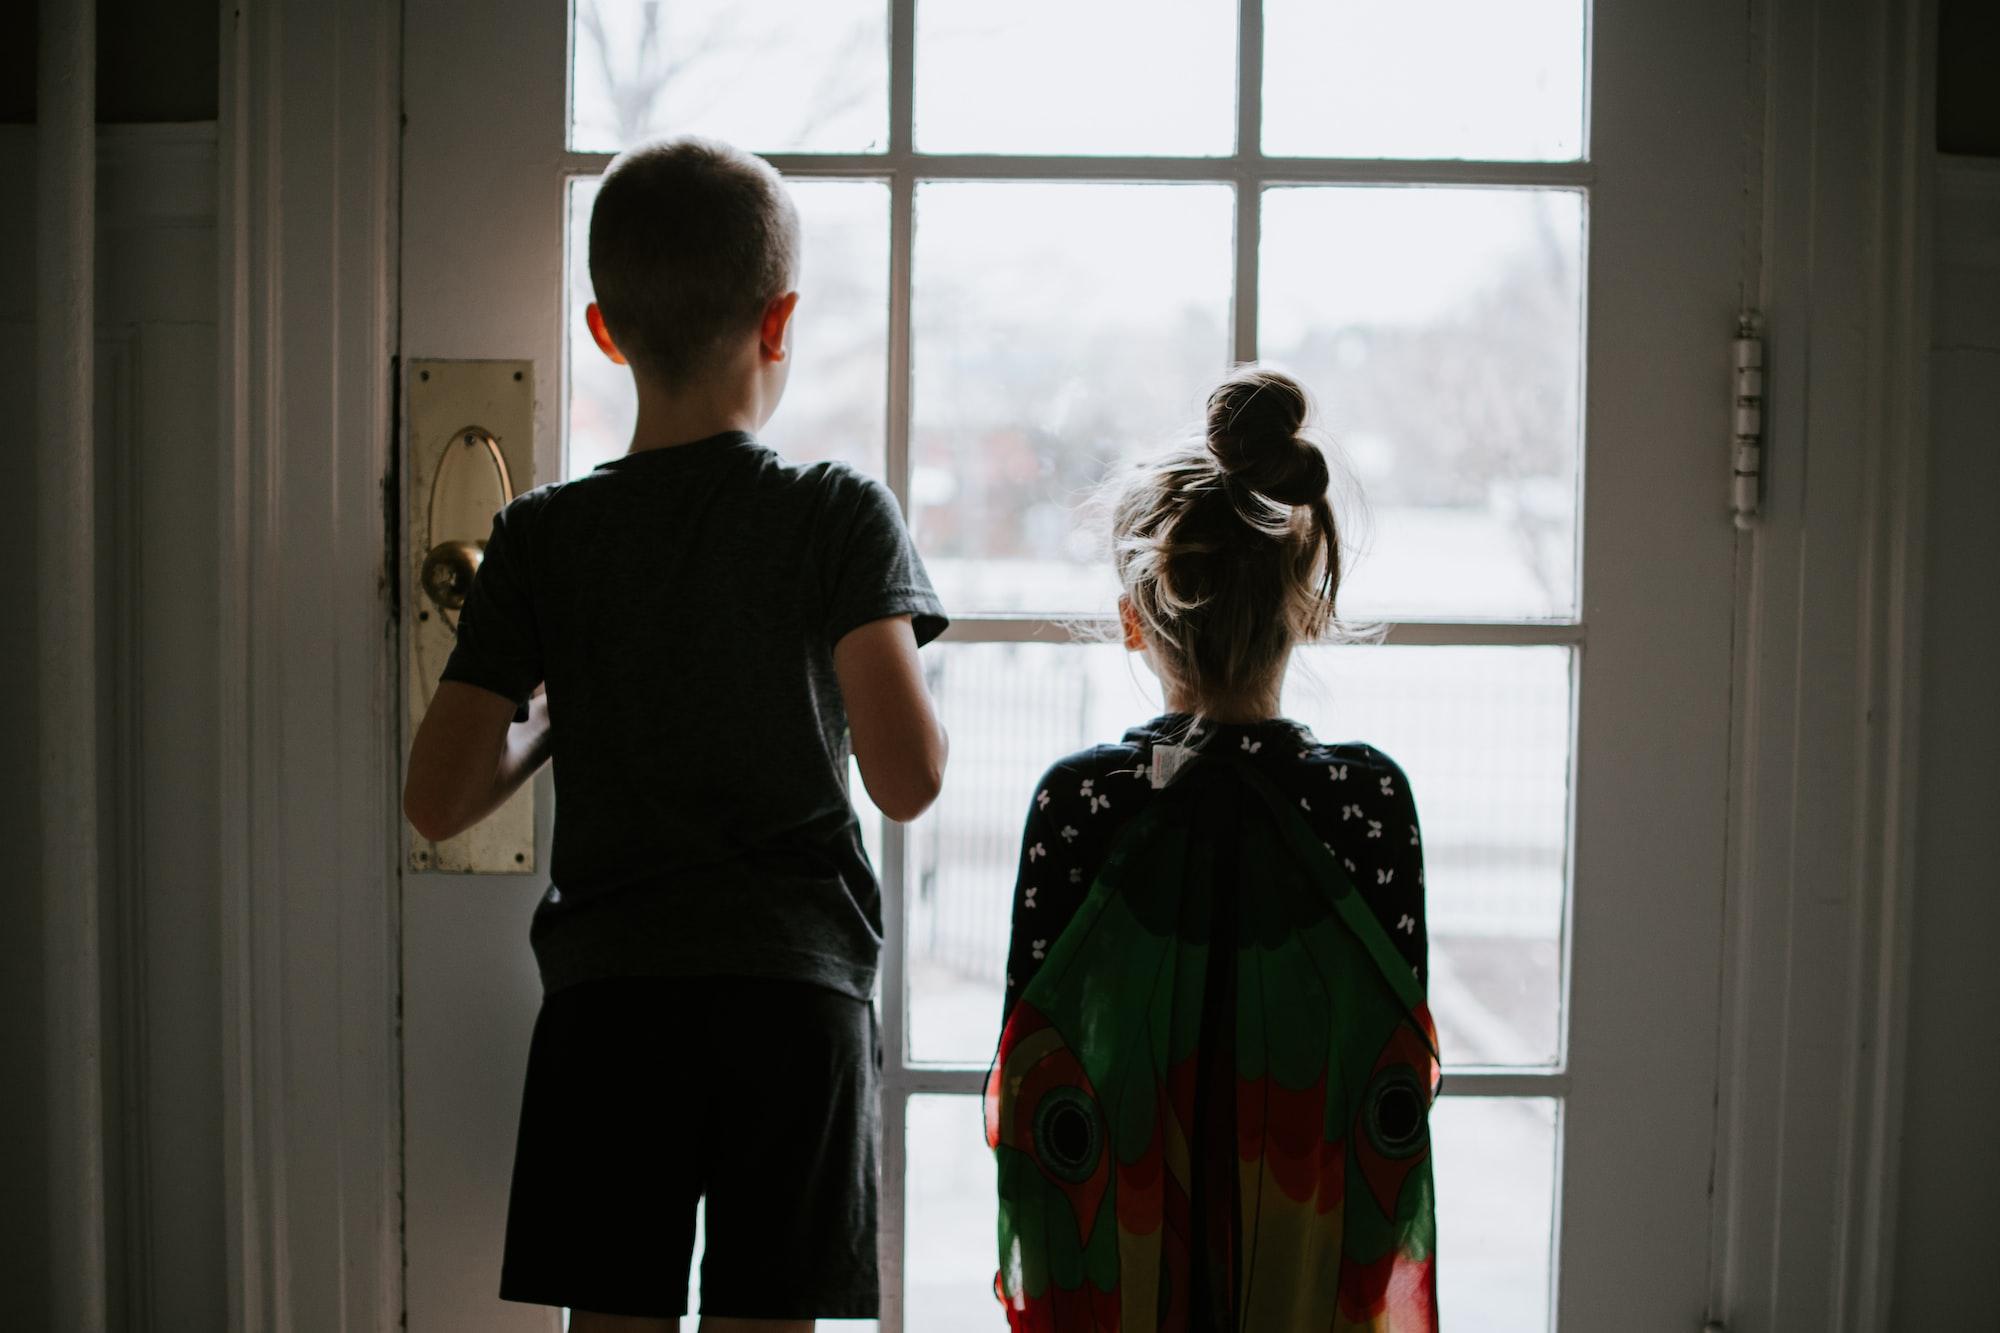 Corona-Beschlüsse: Eltern und Kinder nicht alleine lassen